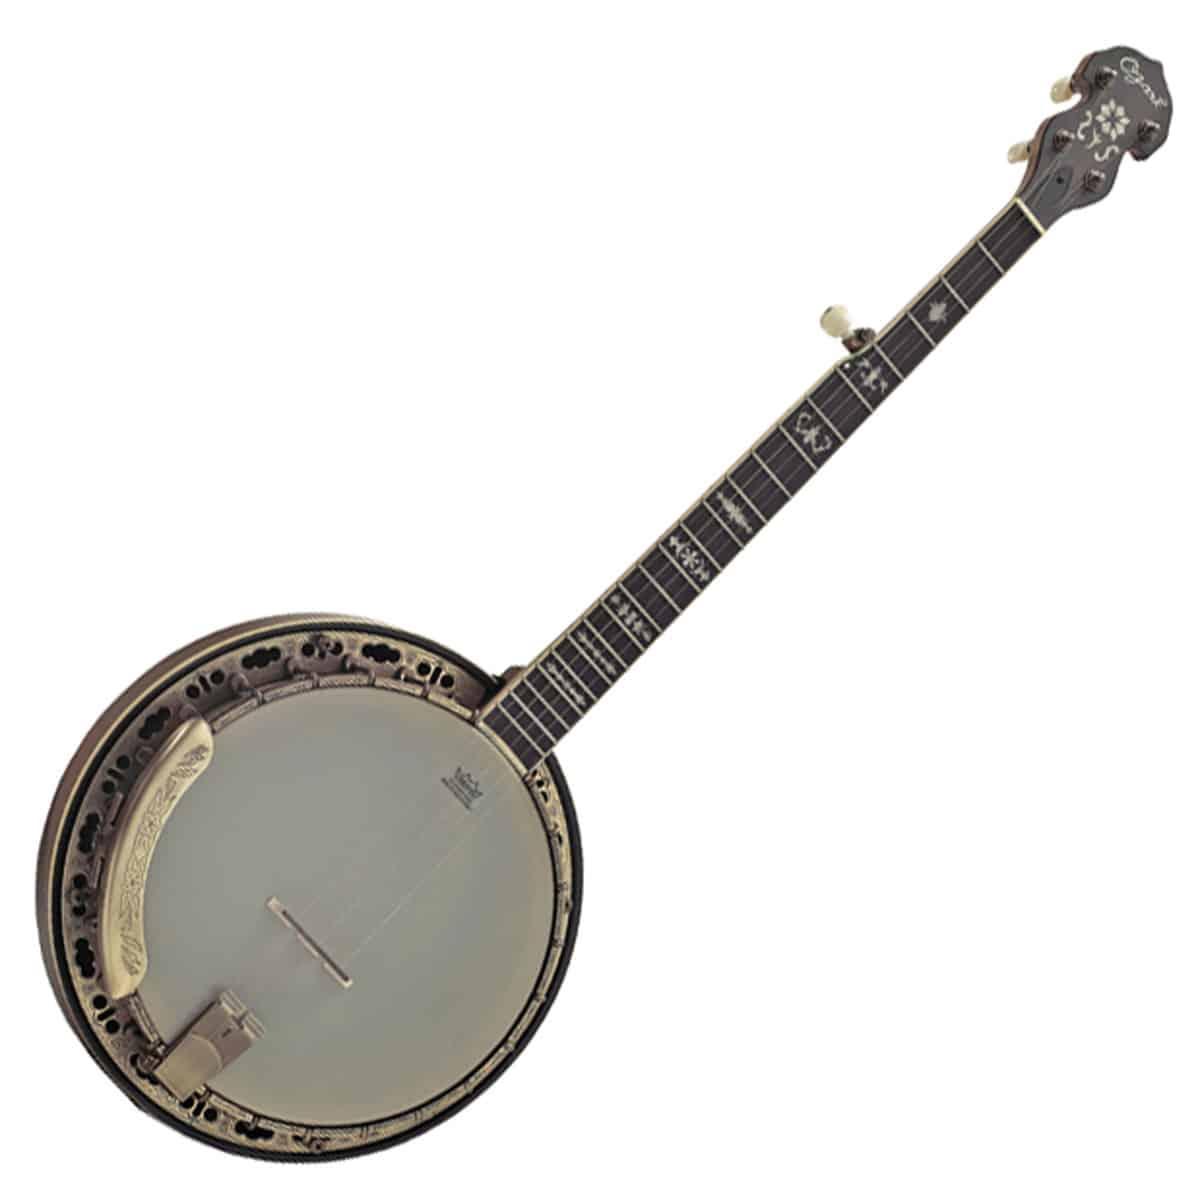 Ozark 5 String Banjo Review